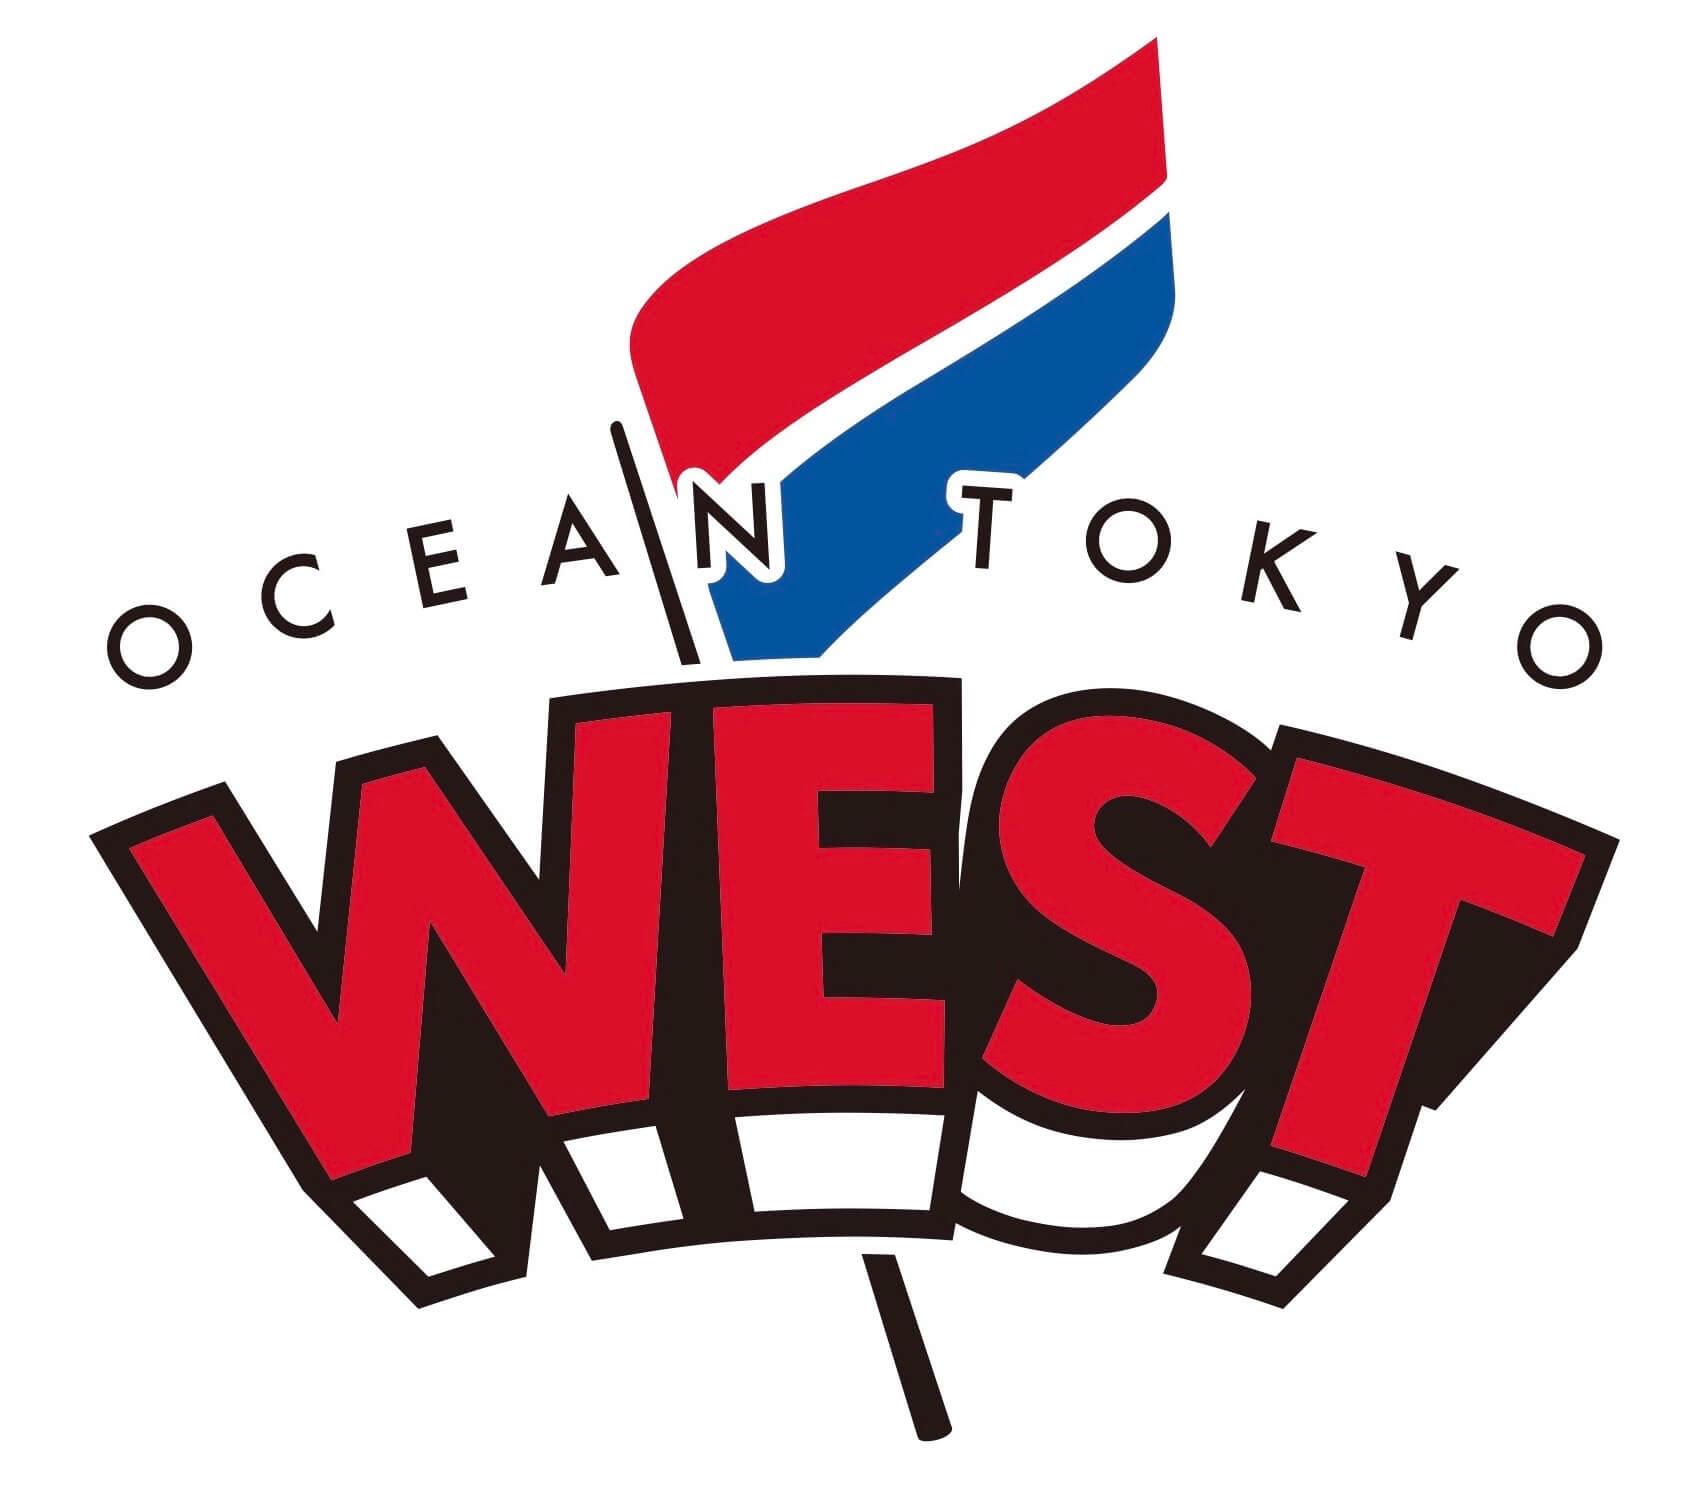 OCEAN TOKYO WEST